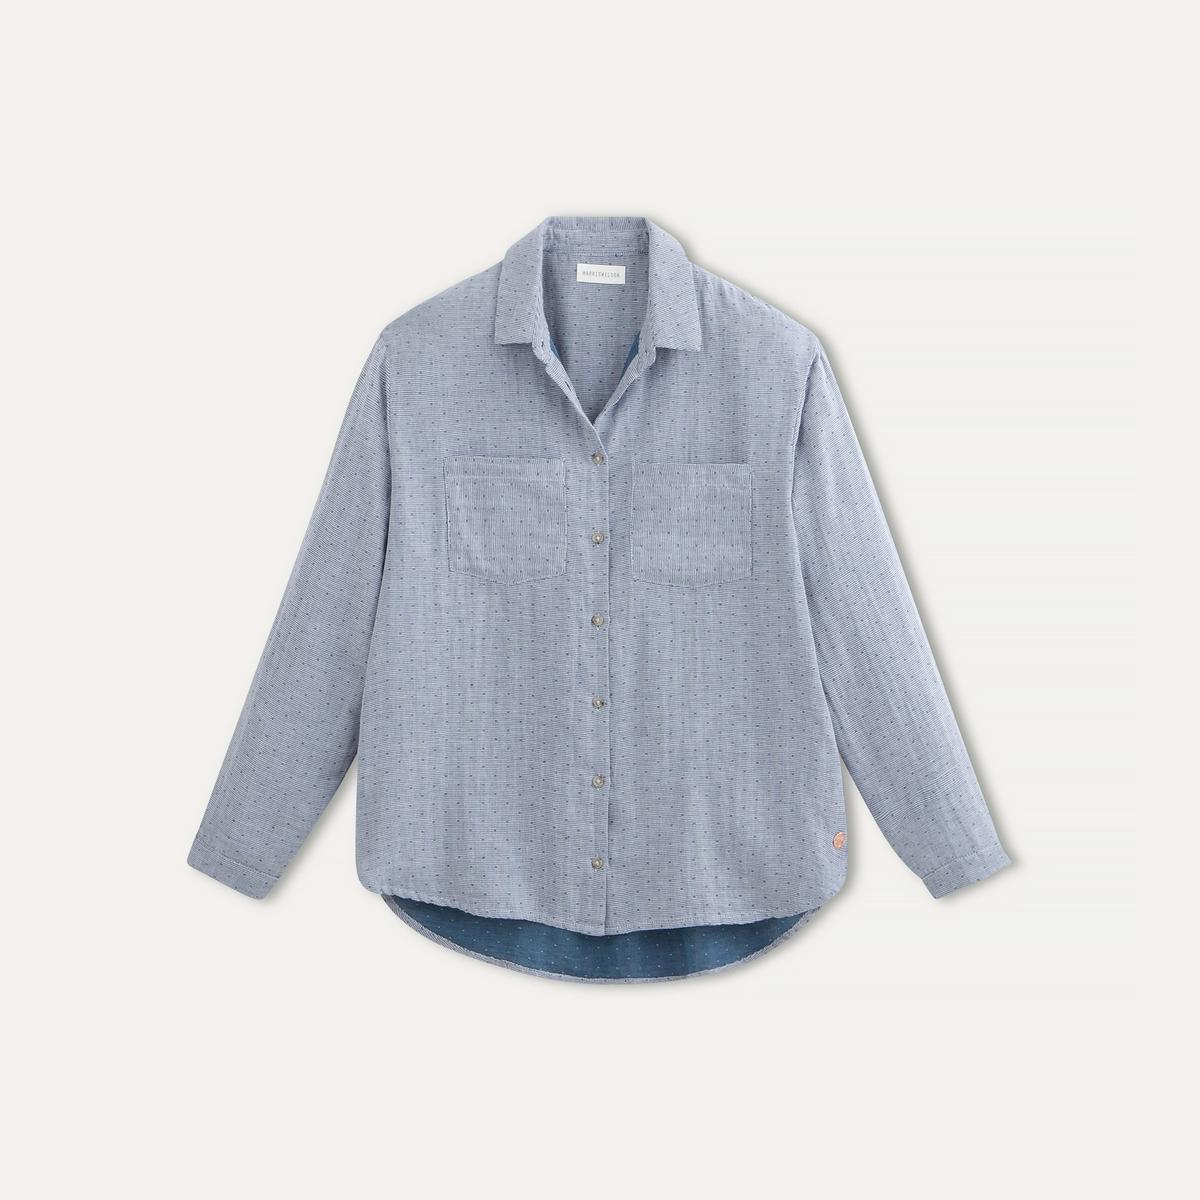 Рубашка в мелкий горошекРубашка HARRIS WILSON - в сплошной мелкий жаккардовый горошек, хлопковый поплин . Рубашечный воротник со свободными уголками. Застежка на пуговицы. Длинные рукава, манжеты с застежкой на пуговицу. Закругленный низ с более длинной спинкой, шлицы по бокам . 2 нагрудных кармана. Подкладка с рисунком.   Состав и описание    Материал : 100% хлопок   Марка : HARRIS WILSON<br><br>Цвет: синий<br>Размер: L